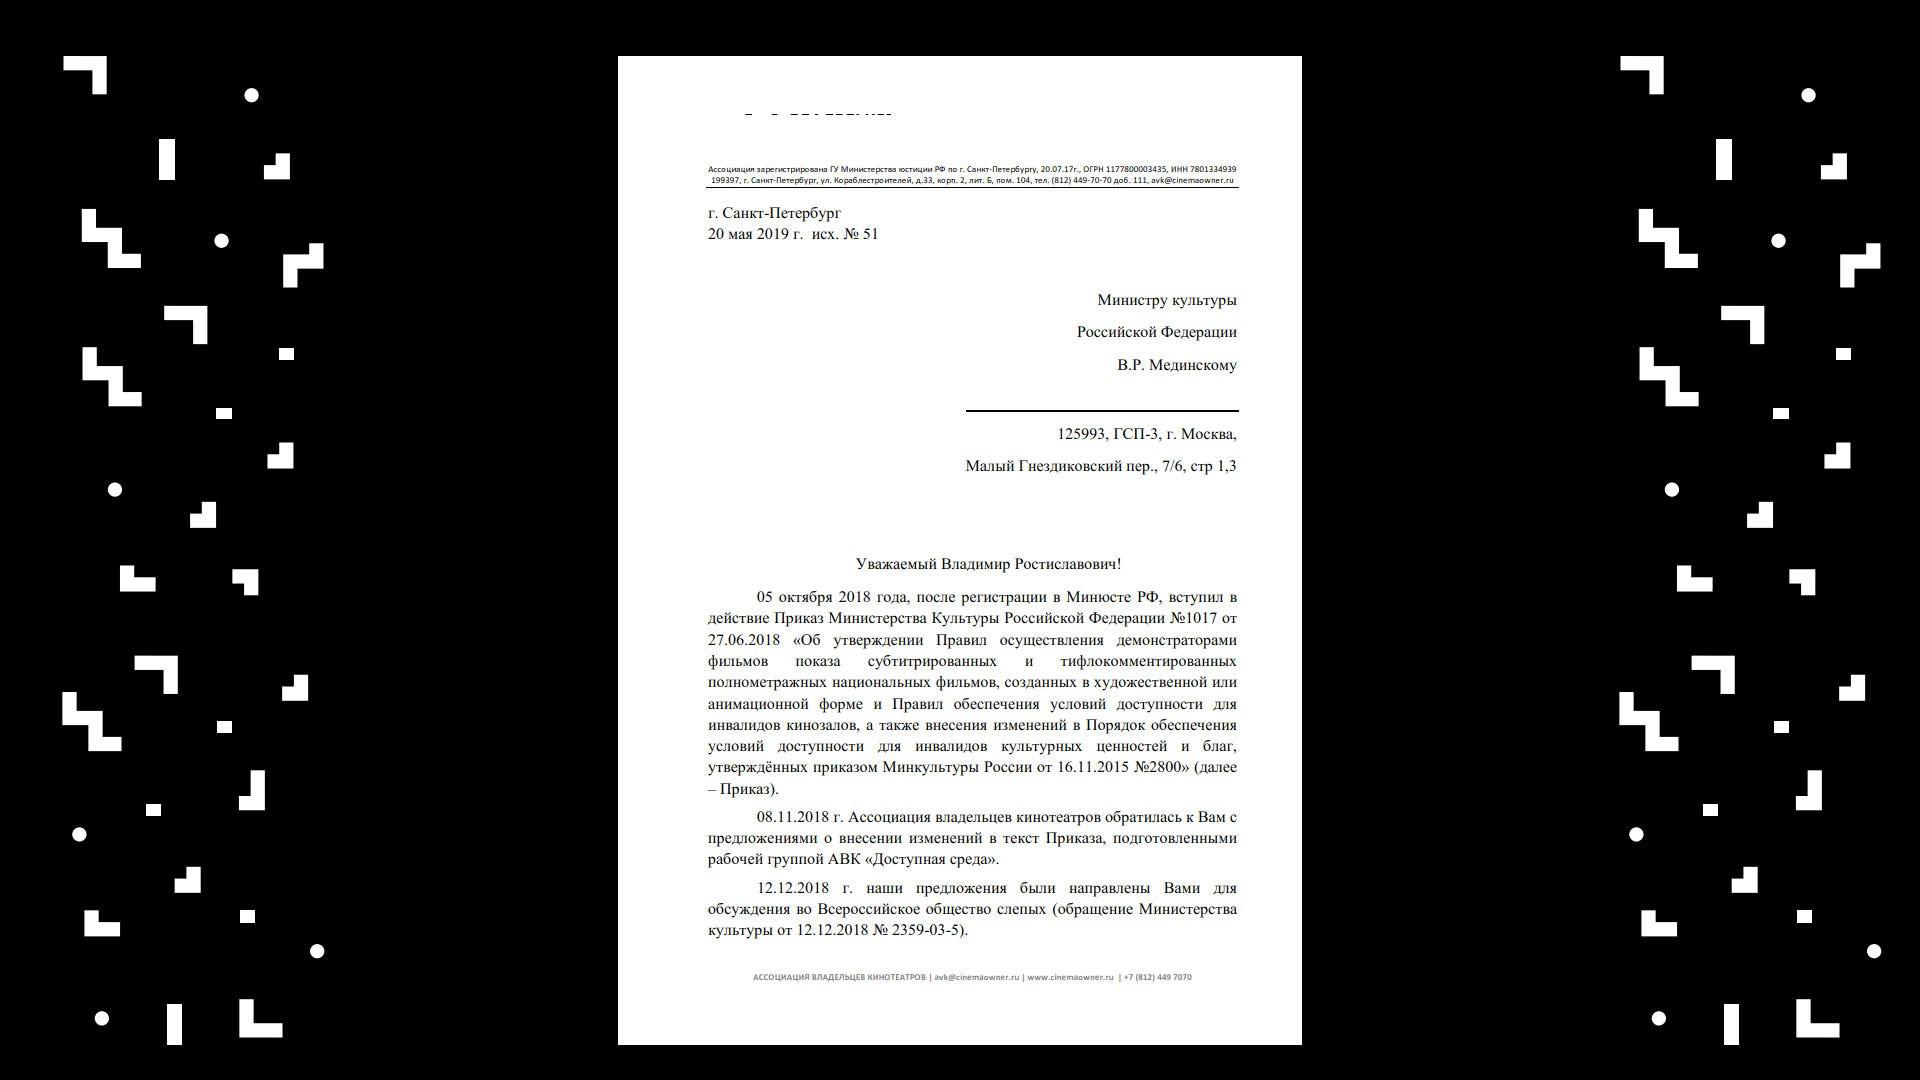 РГ Доступная среда_Доступный кинотеатр_конференция АВК_КИНОЭКСПО 2019_compress_10